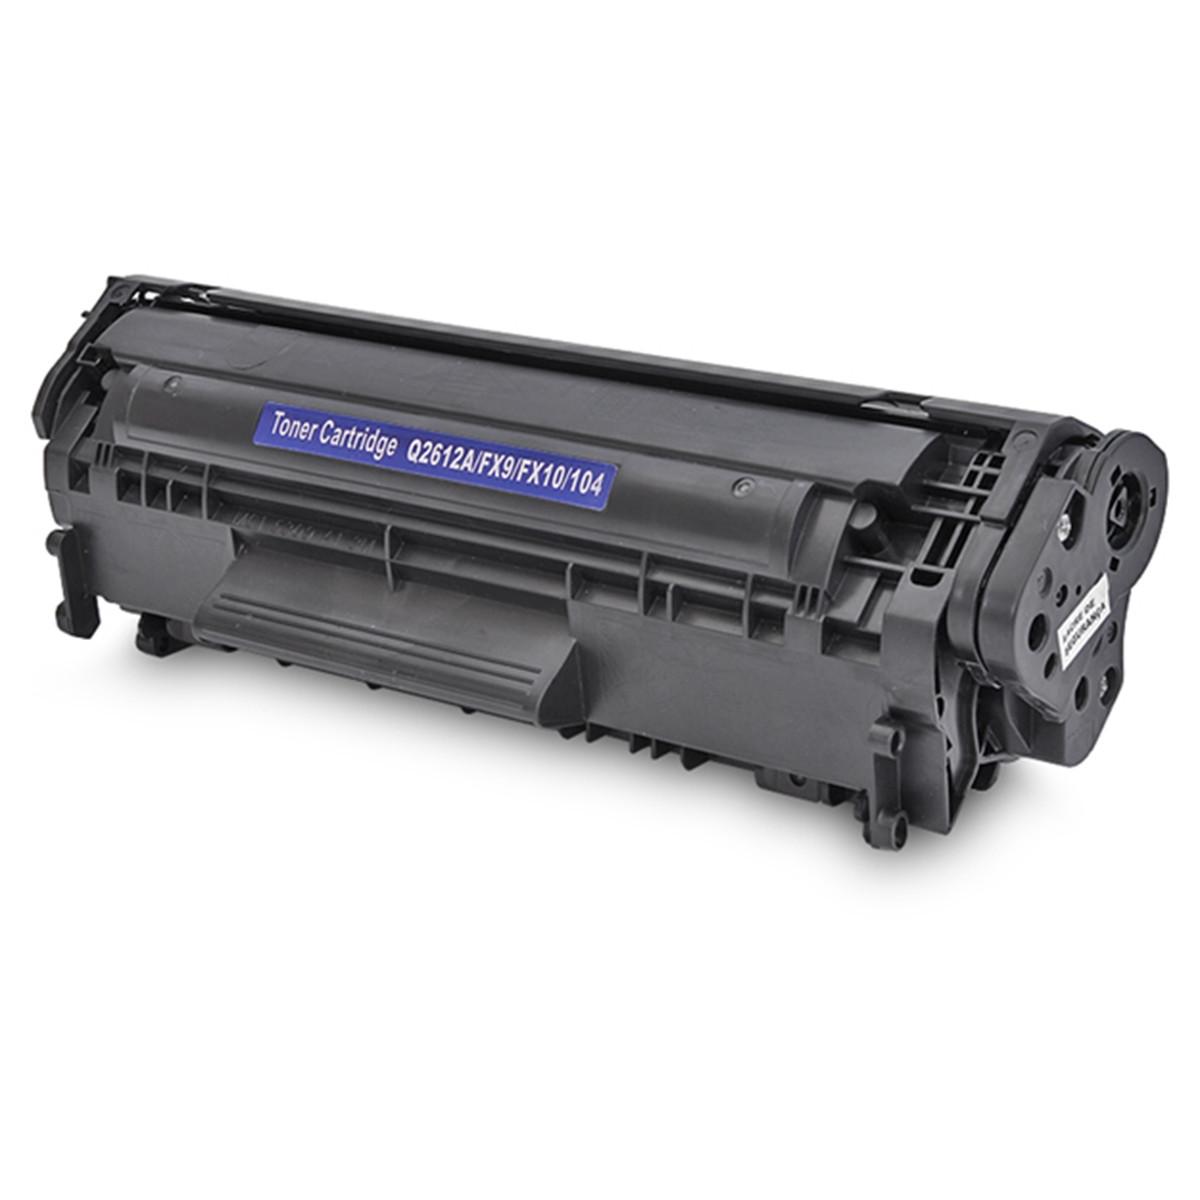 Toner Compatível com Canon FX9 | FX10 103 303 703 LBP2900 LBP3000 | Premium 2k